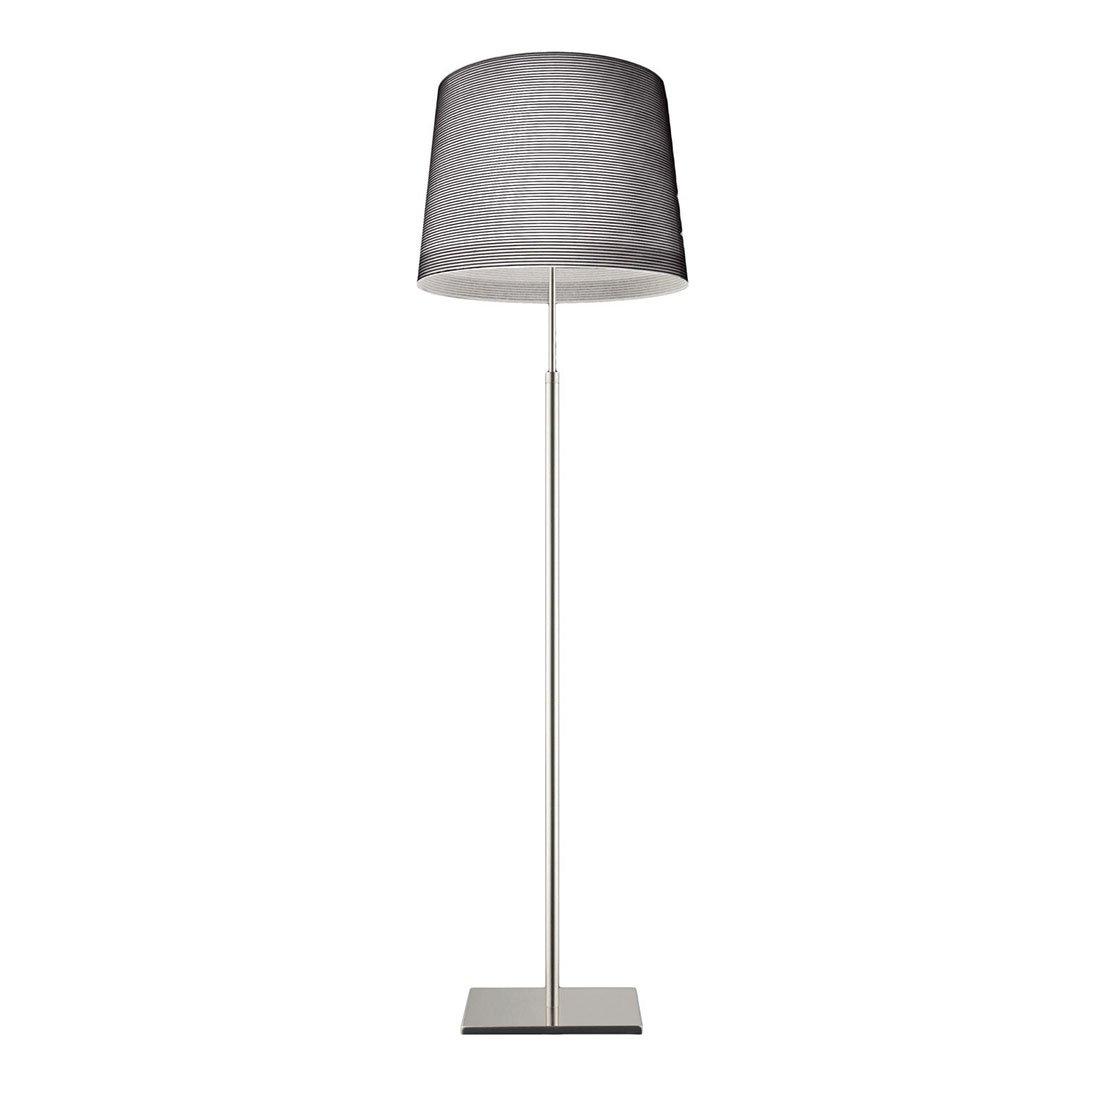 Foscarini Giga Lite Vloerlamp